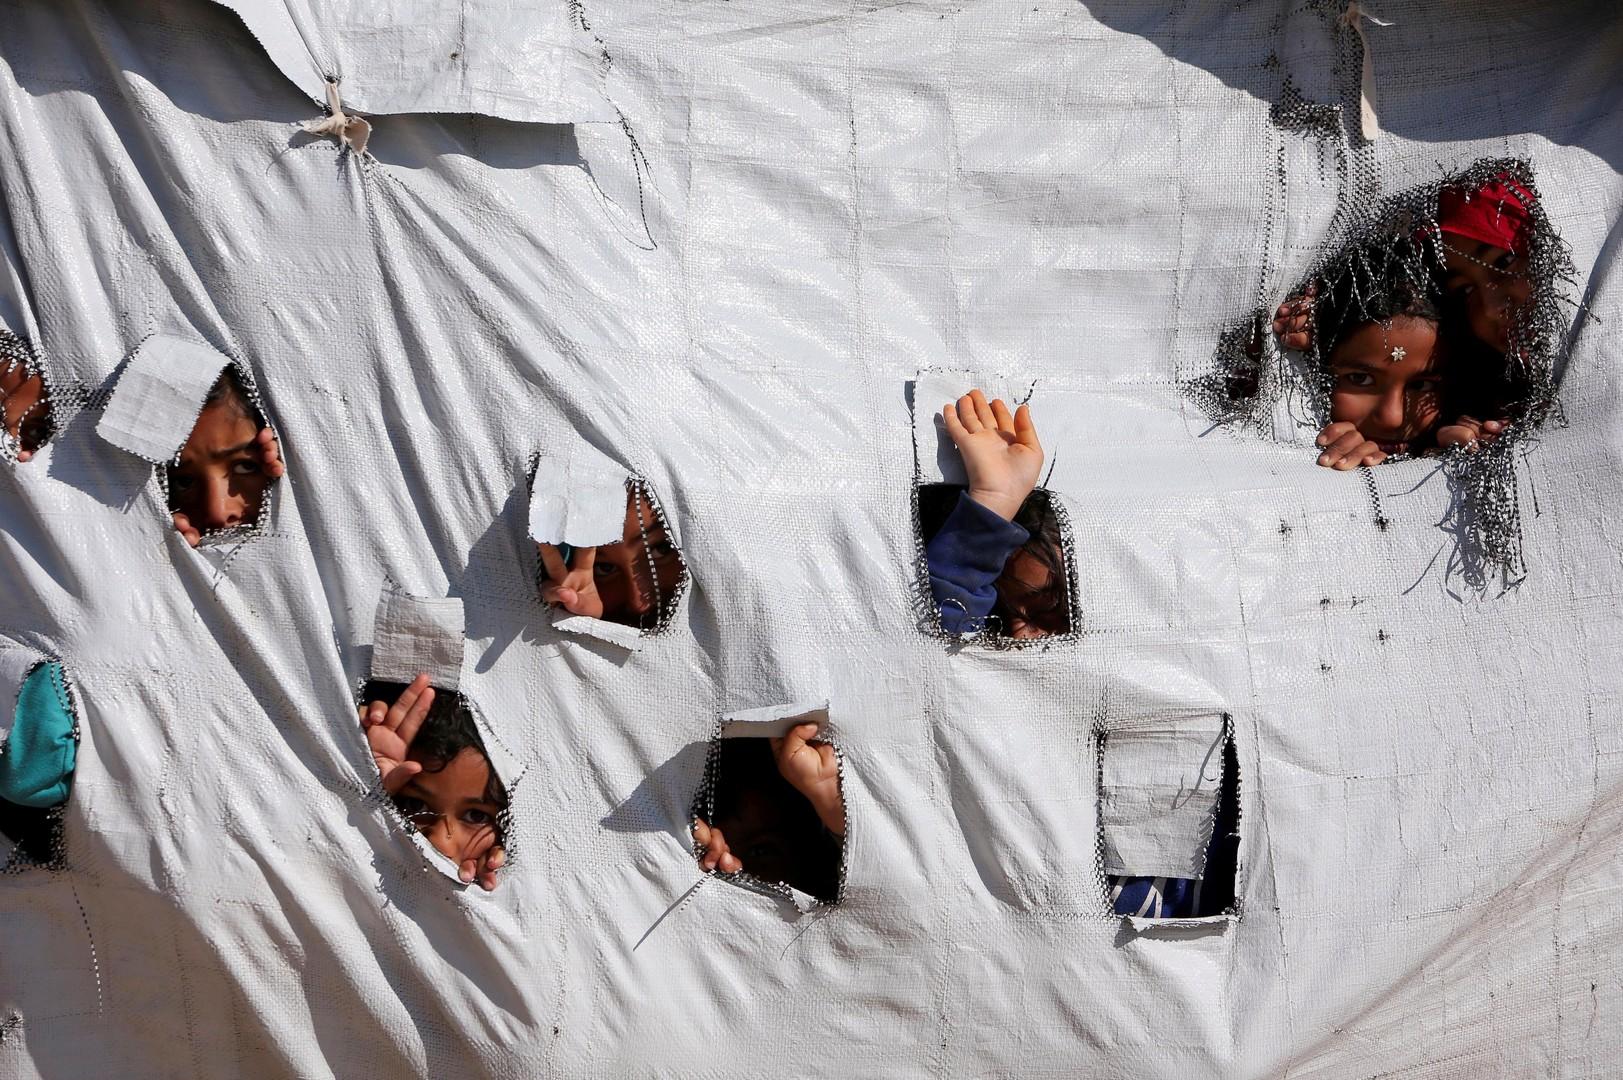 جد سويدي يعود من العراق بـ 7 أحفاد قتل والداهم المتطرفان في سوريا